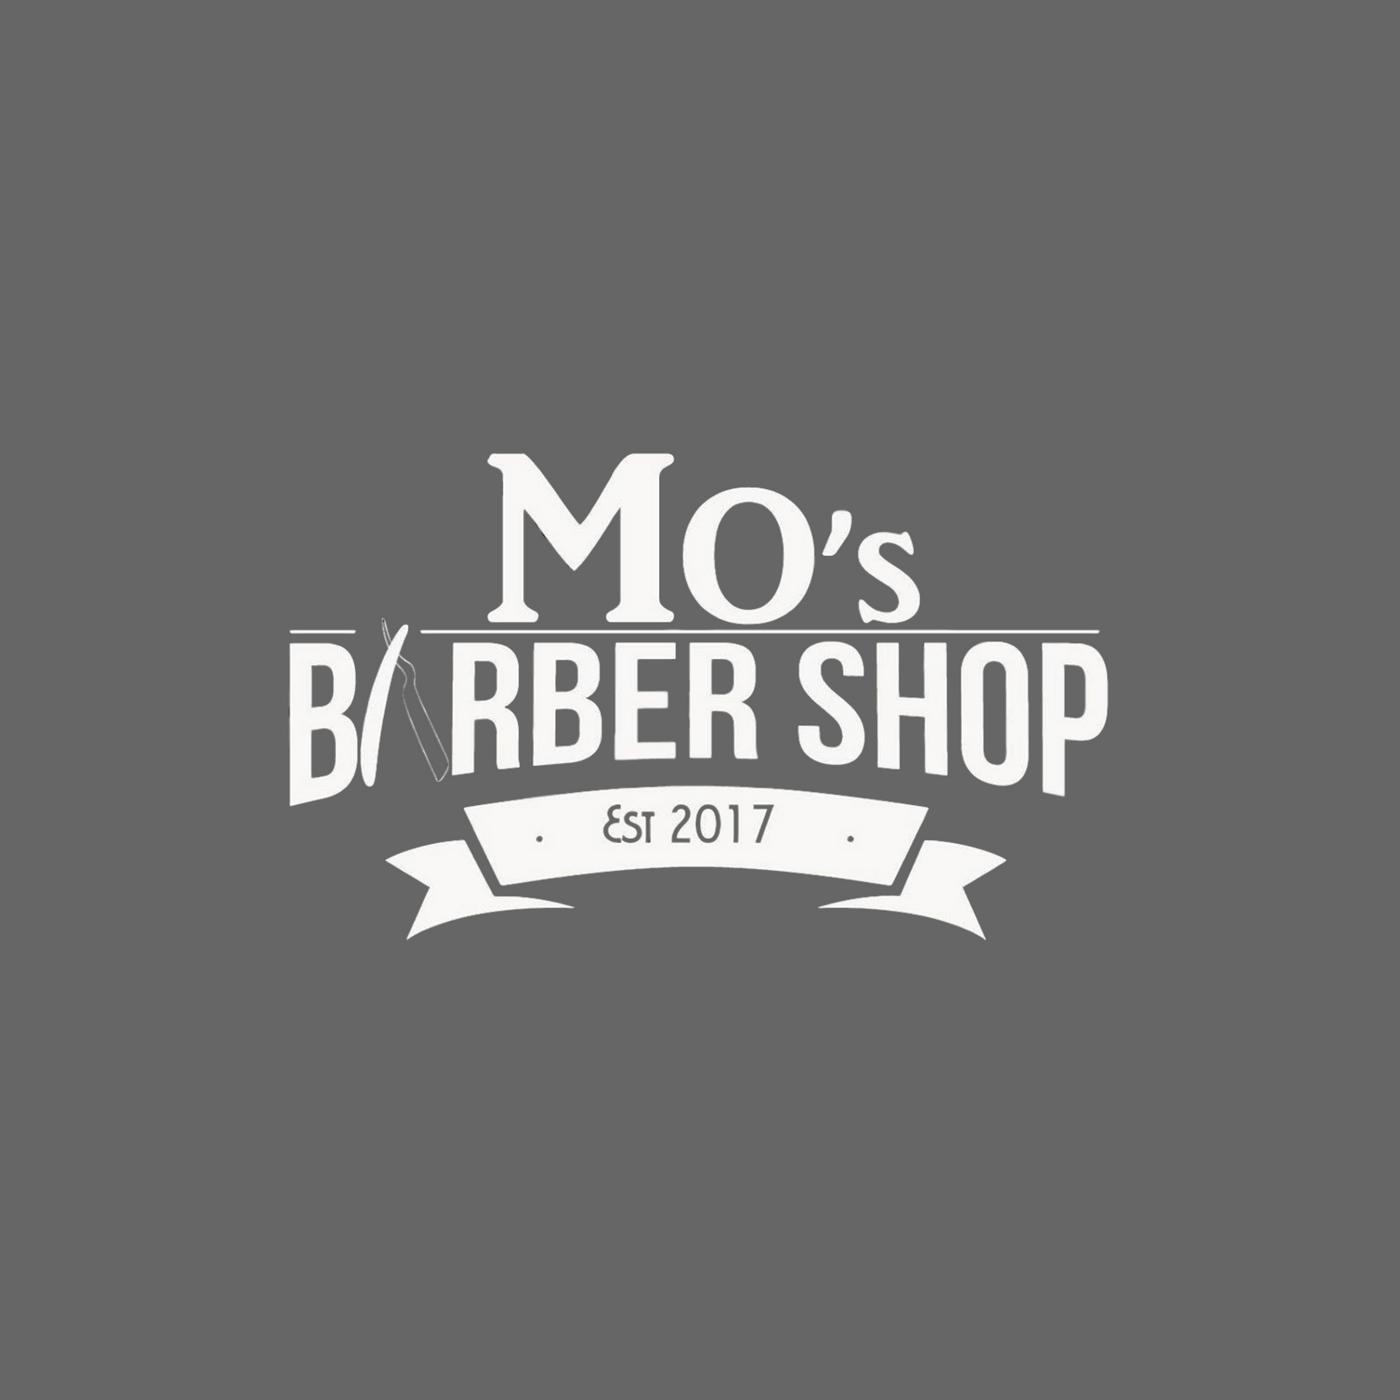 Mo's Barber Shop